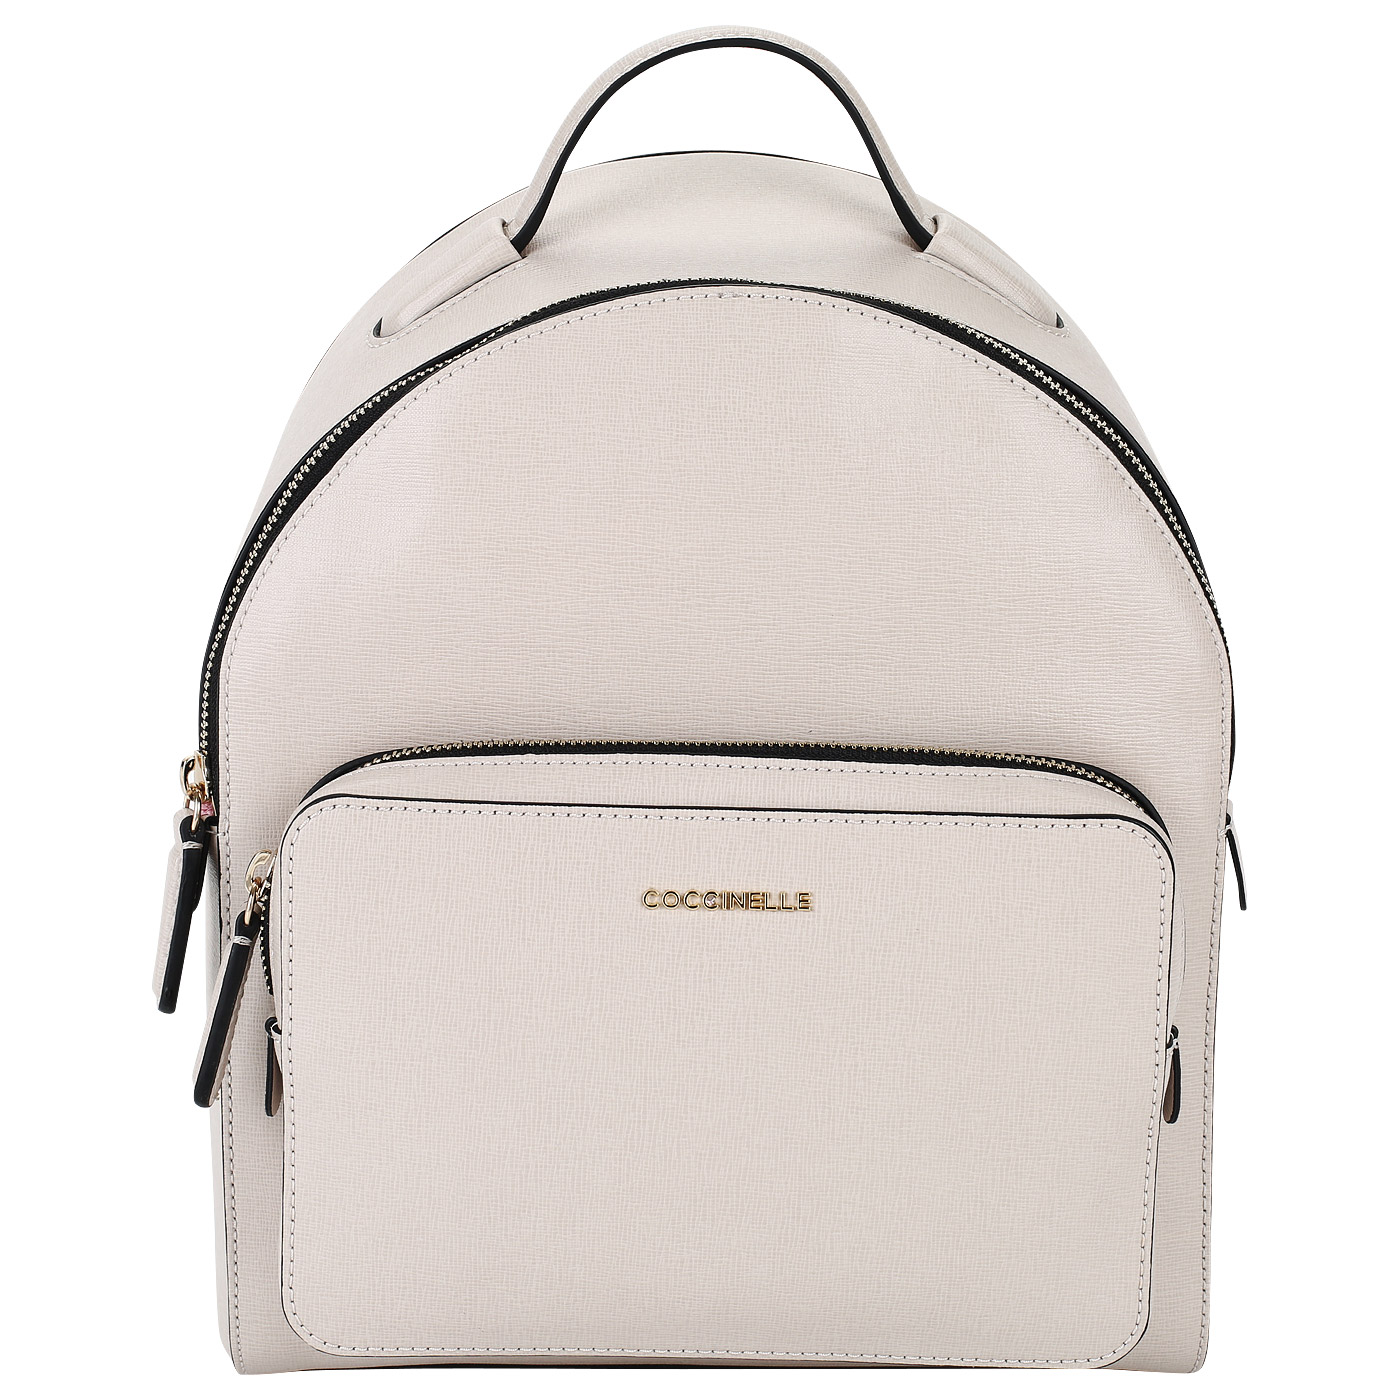 Женский рюкзак на молнии Coccinelle Yamilet BF5 14 01 02 seashell ... 3e5145b7745